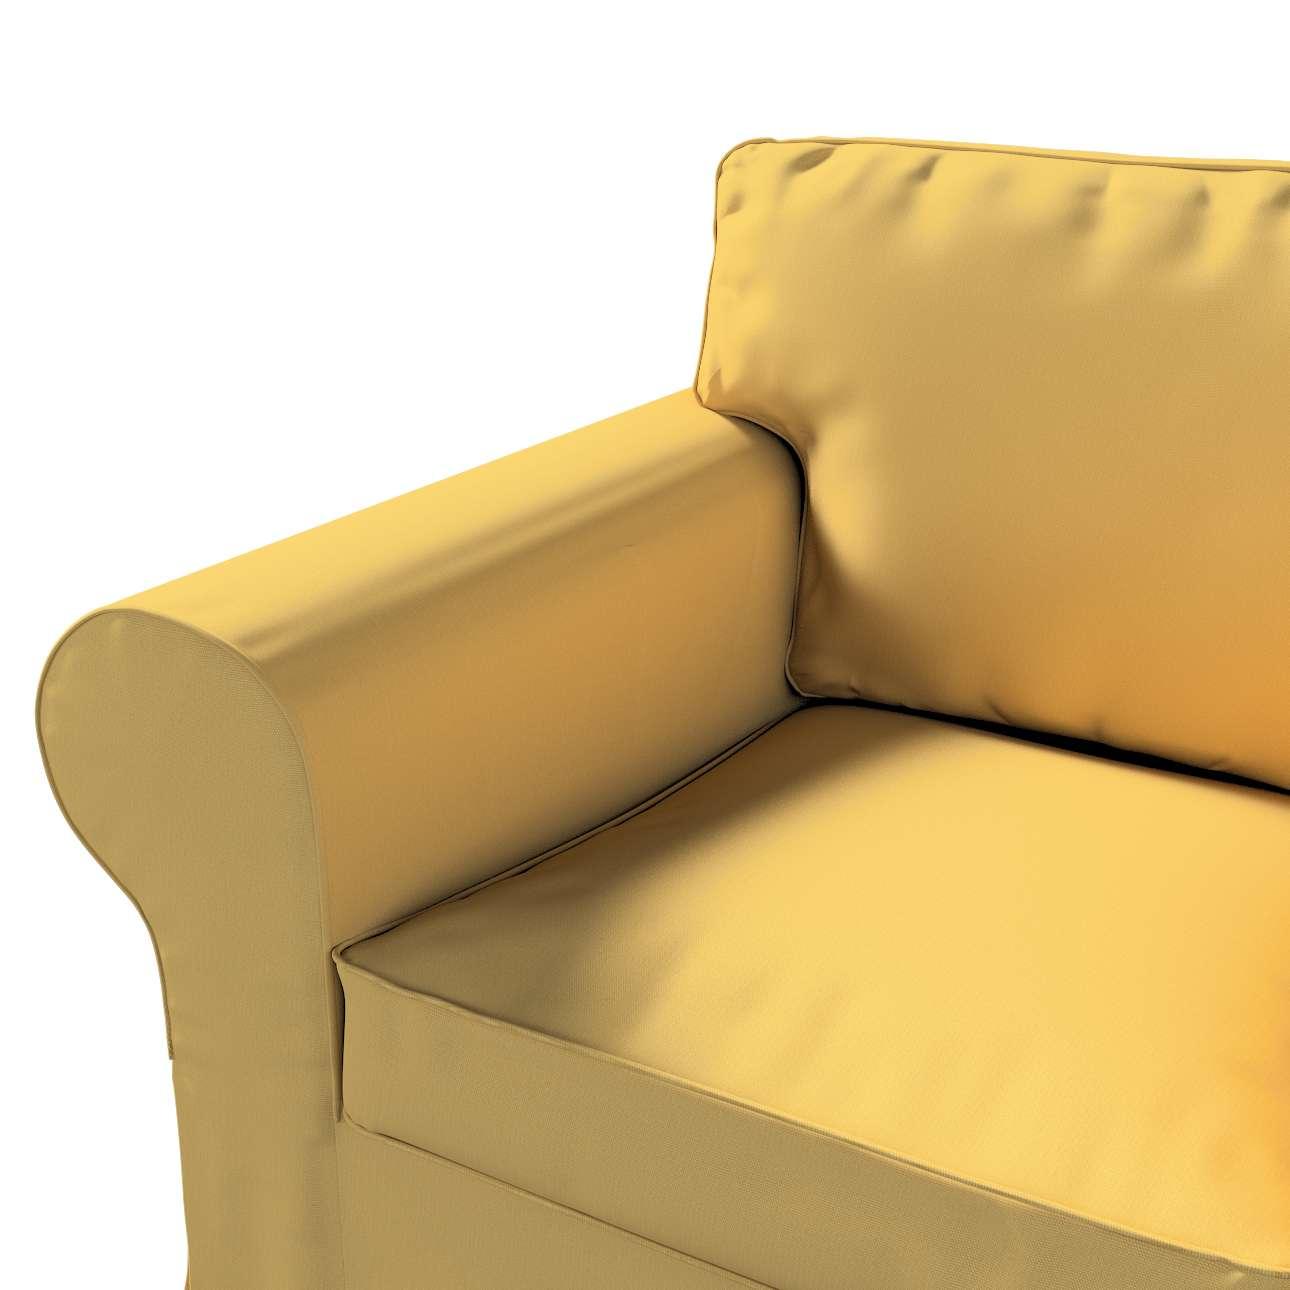 Pokrowiec na fotel Ektorp w kolekcji Cotton Panama, tkanina: 702-41